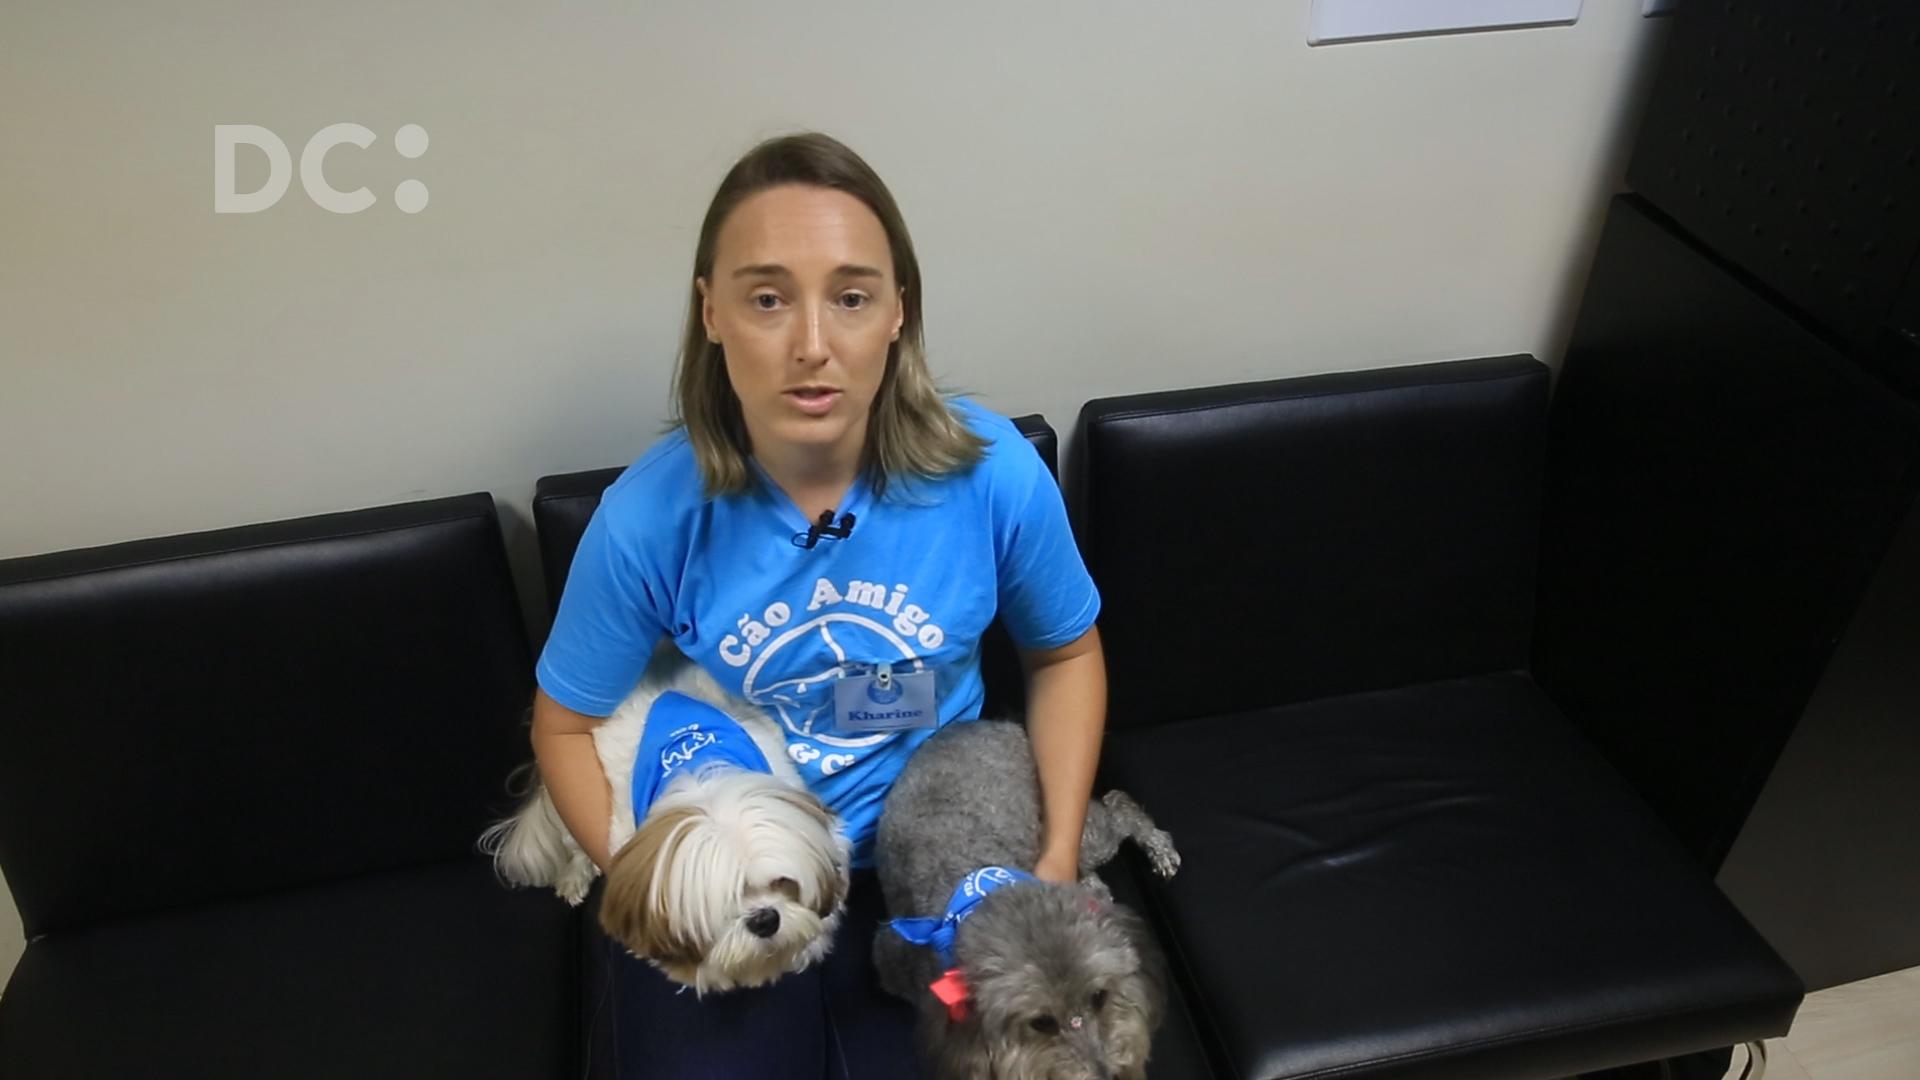 E eu com isso: projeto pretende autorizar cães a visitar os donos em hospitais